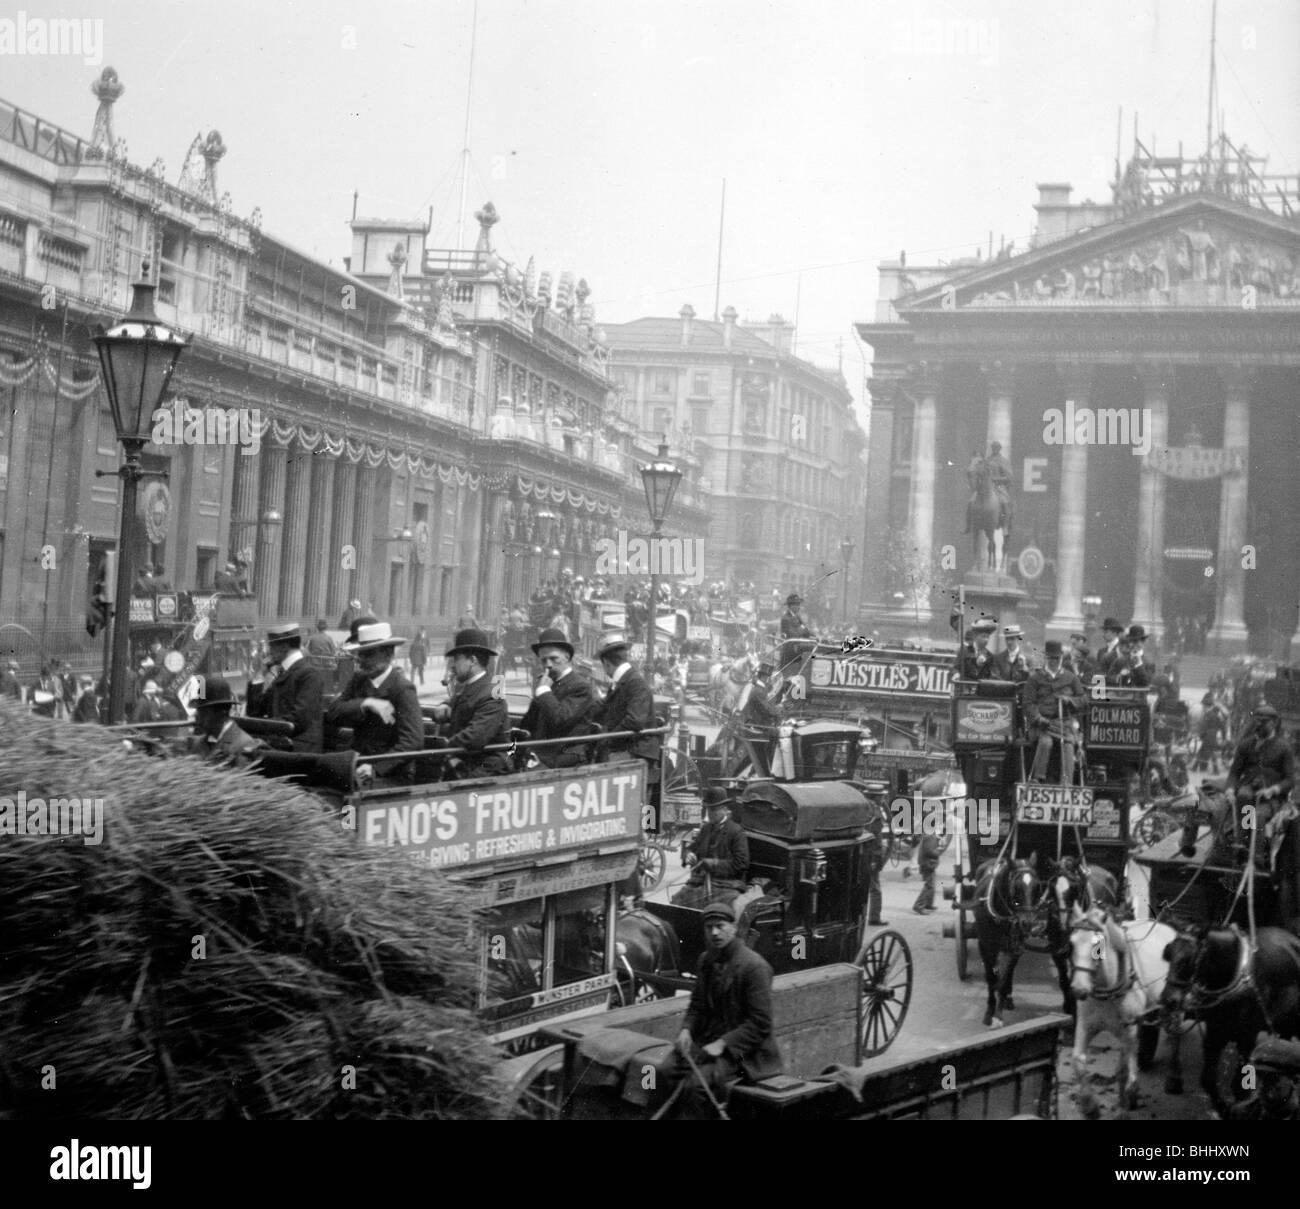 King Edward VII's Coronation Decorations, Threadneedle Street, London, 1901. Artist: Anon - Stock Image